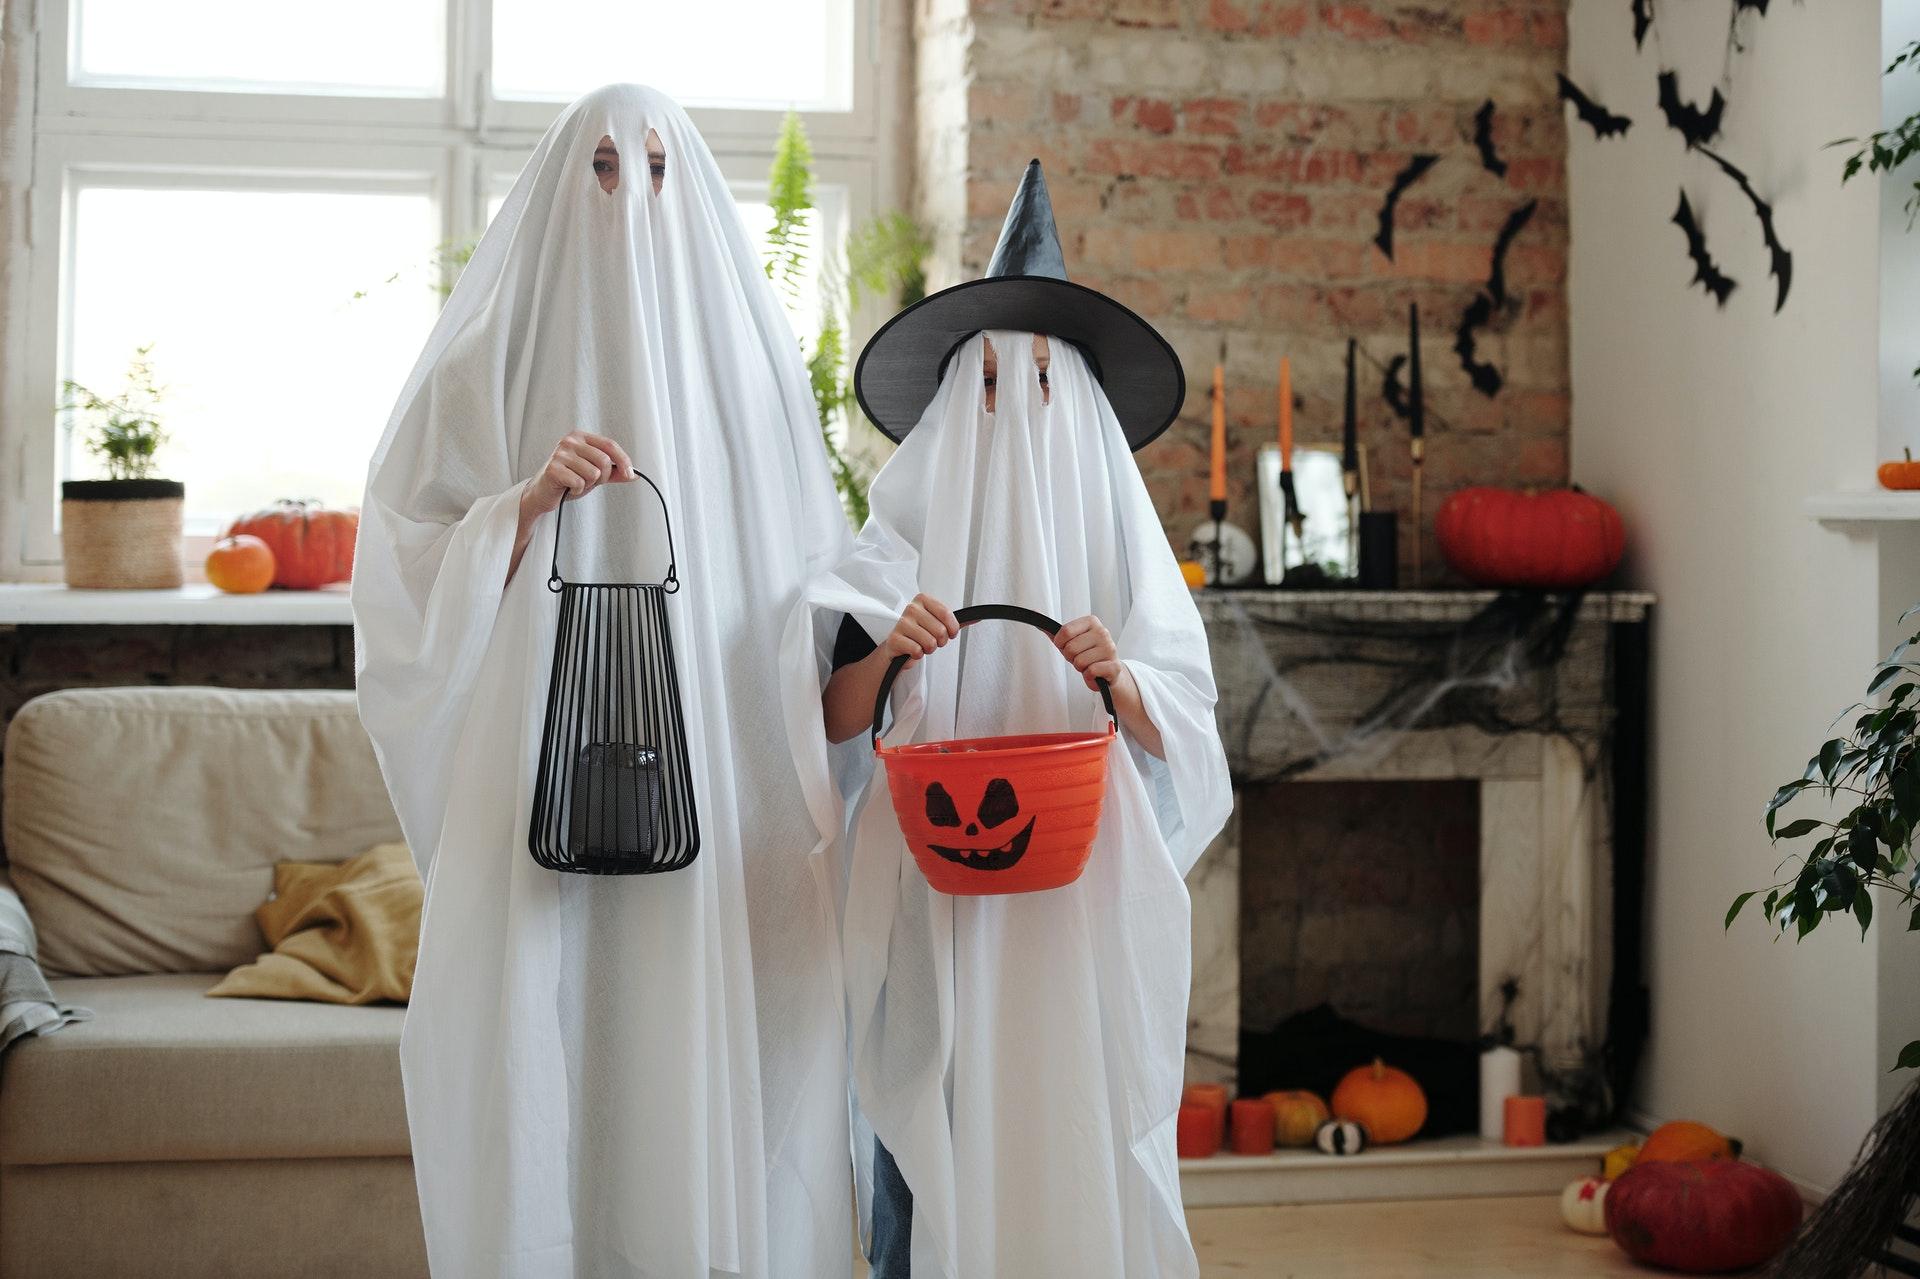 Incluye la mascarilla sanitaria dentro del disfraz de Halloween para prevenir el coronavirus